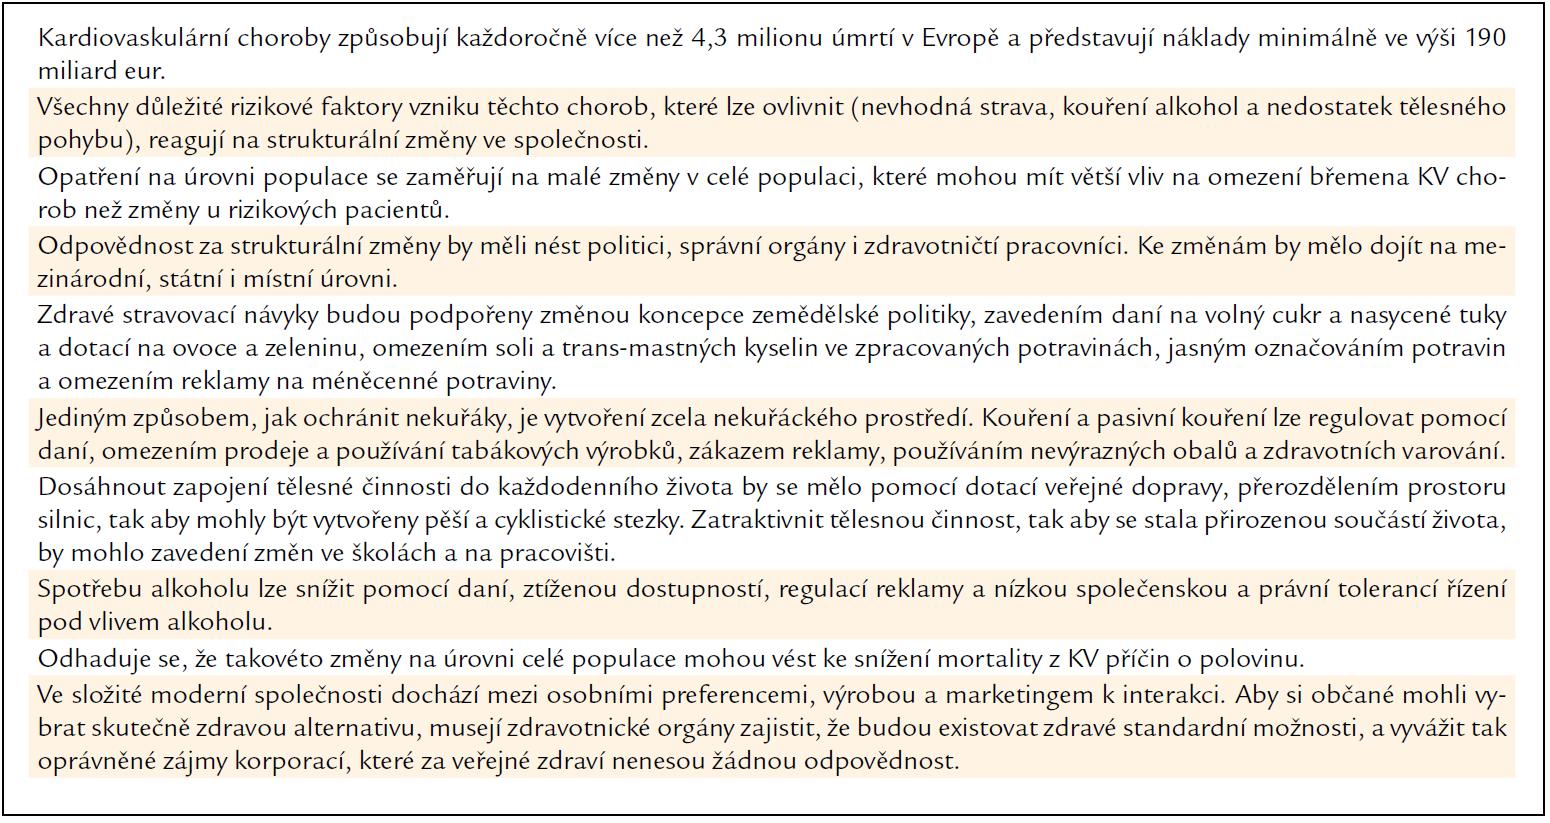 Změny zaměřené na prevenci vzniku KV chorob na úrovni populace: hlavní závěry a doporučení.